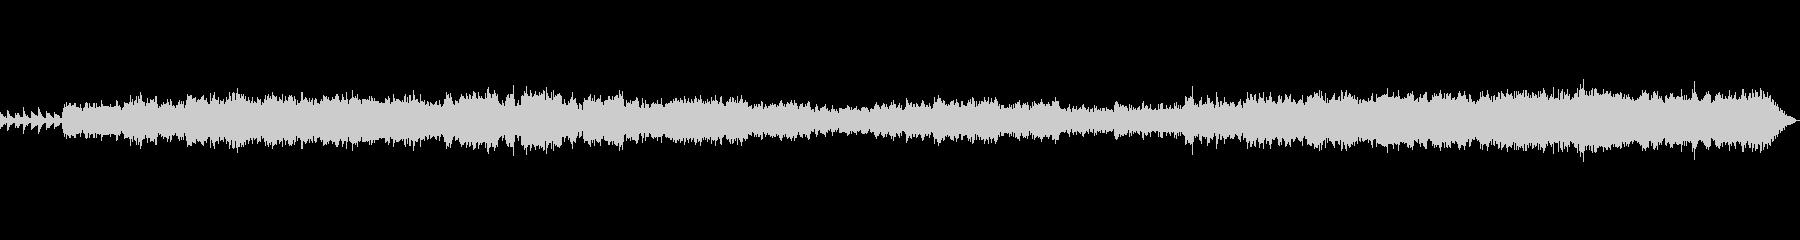 カノン五重奏・ゆったり静かなヒーリング曲の未再生の波形